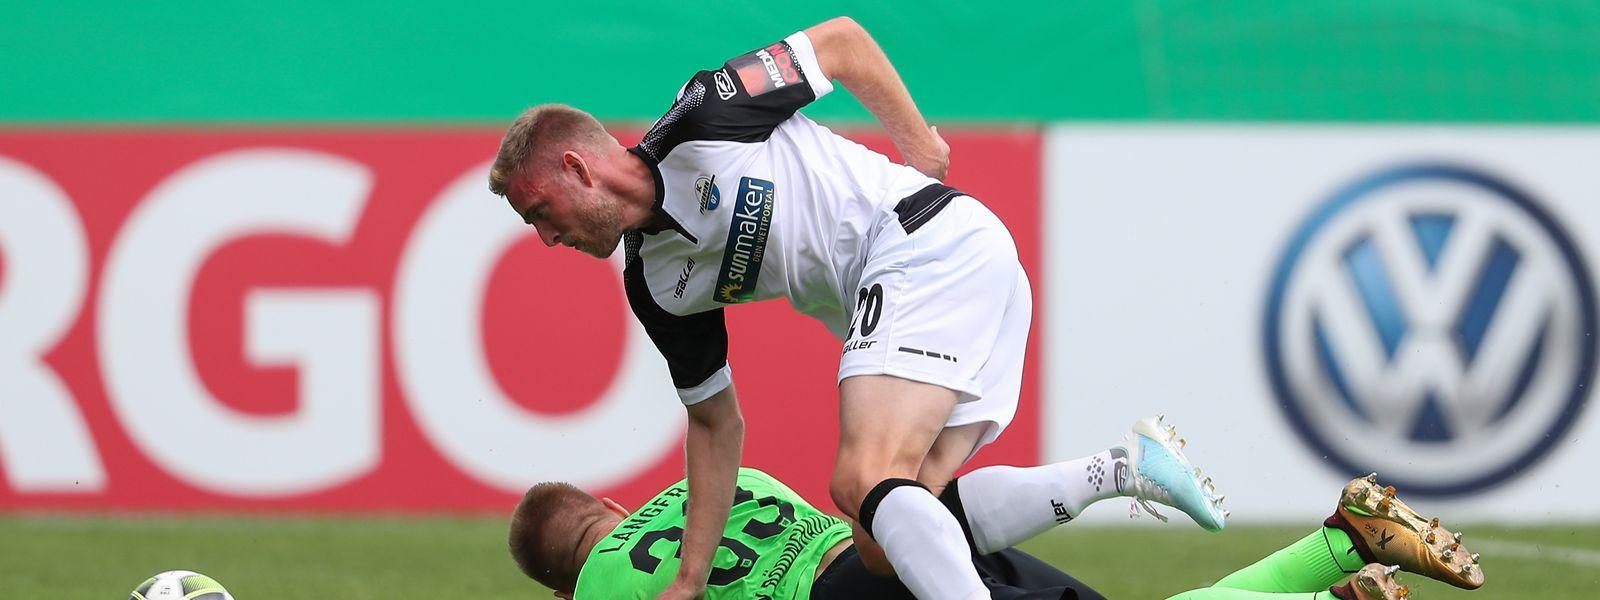 Im DFB-Pokal kam Laurent Jans in Rödinghausen zum Einsatz, jetzt will der Luxemburger auch in der Bundesliga spielen.